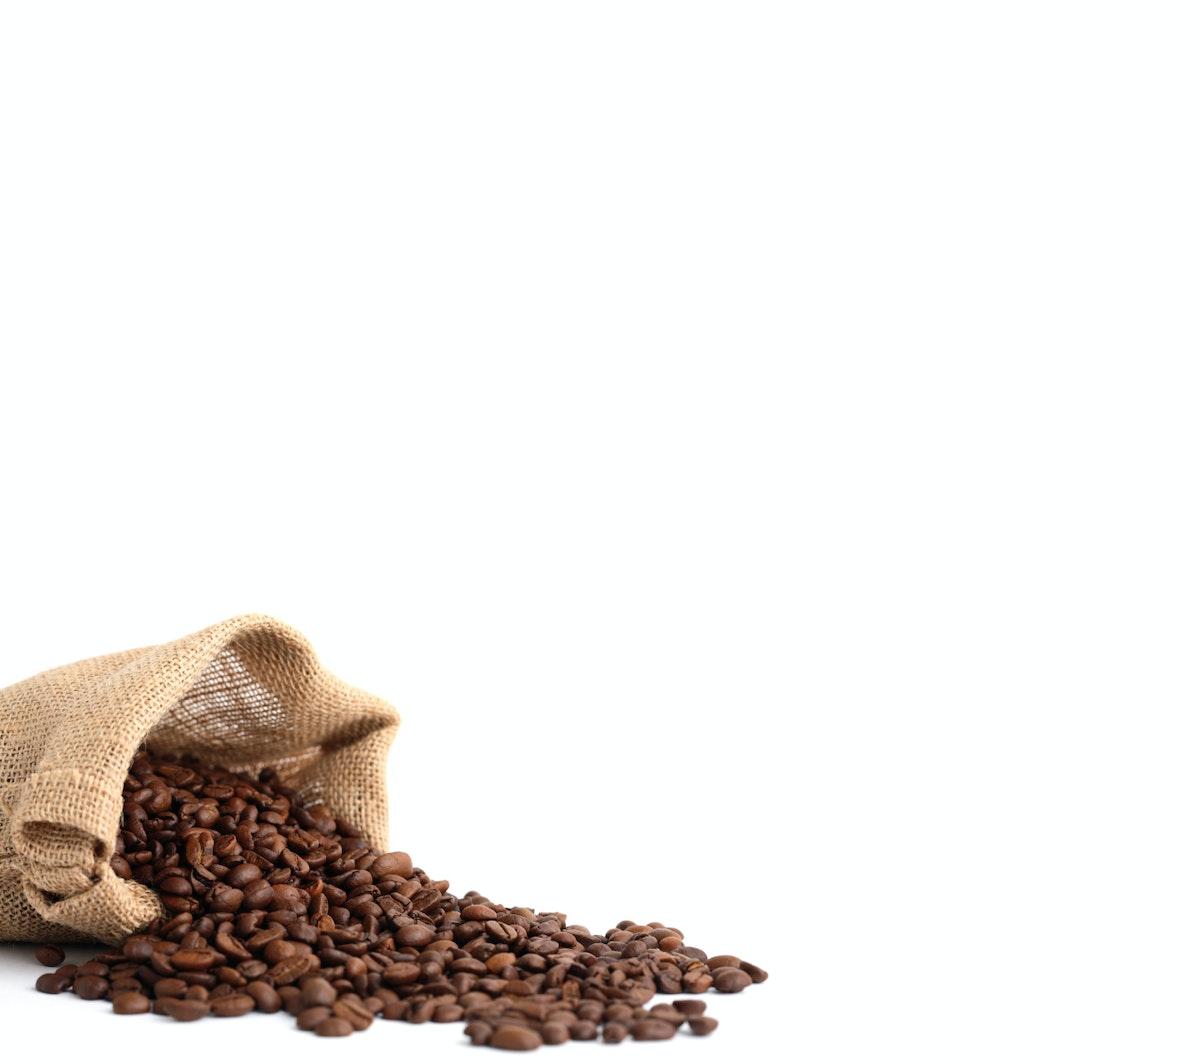 sunn mat ned i vekt grønne kaffebønner supplement